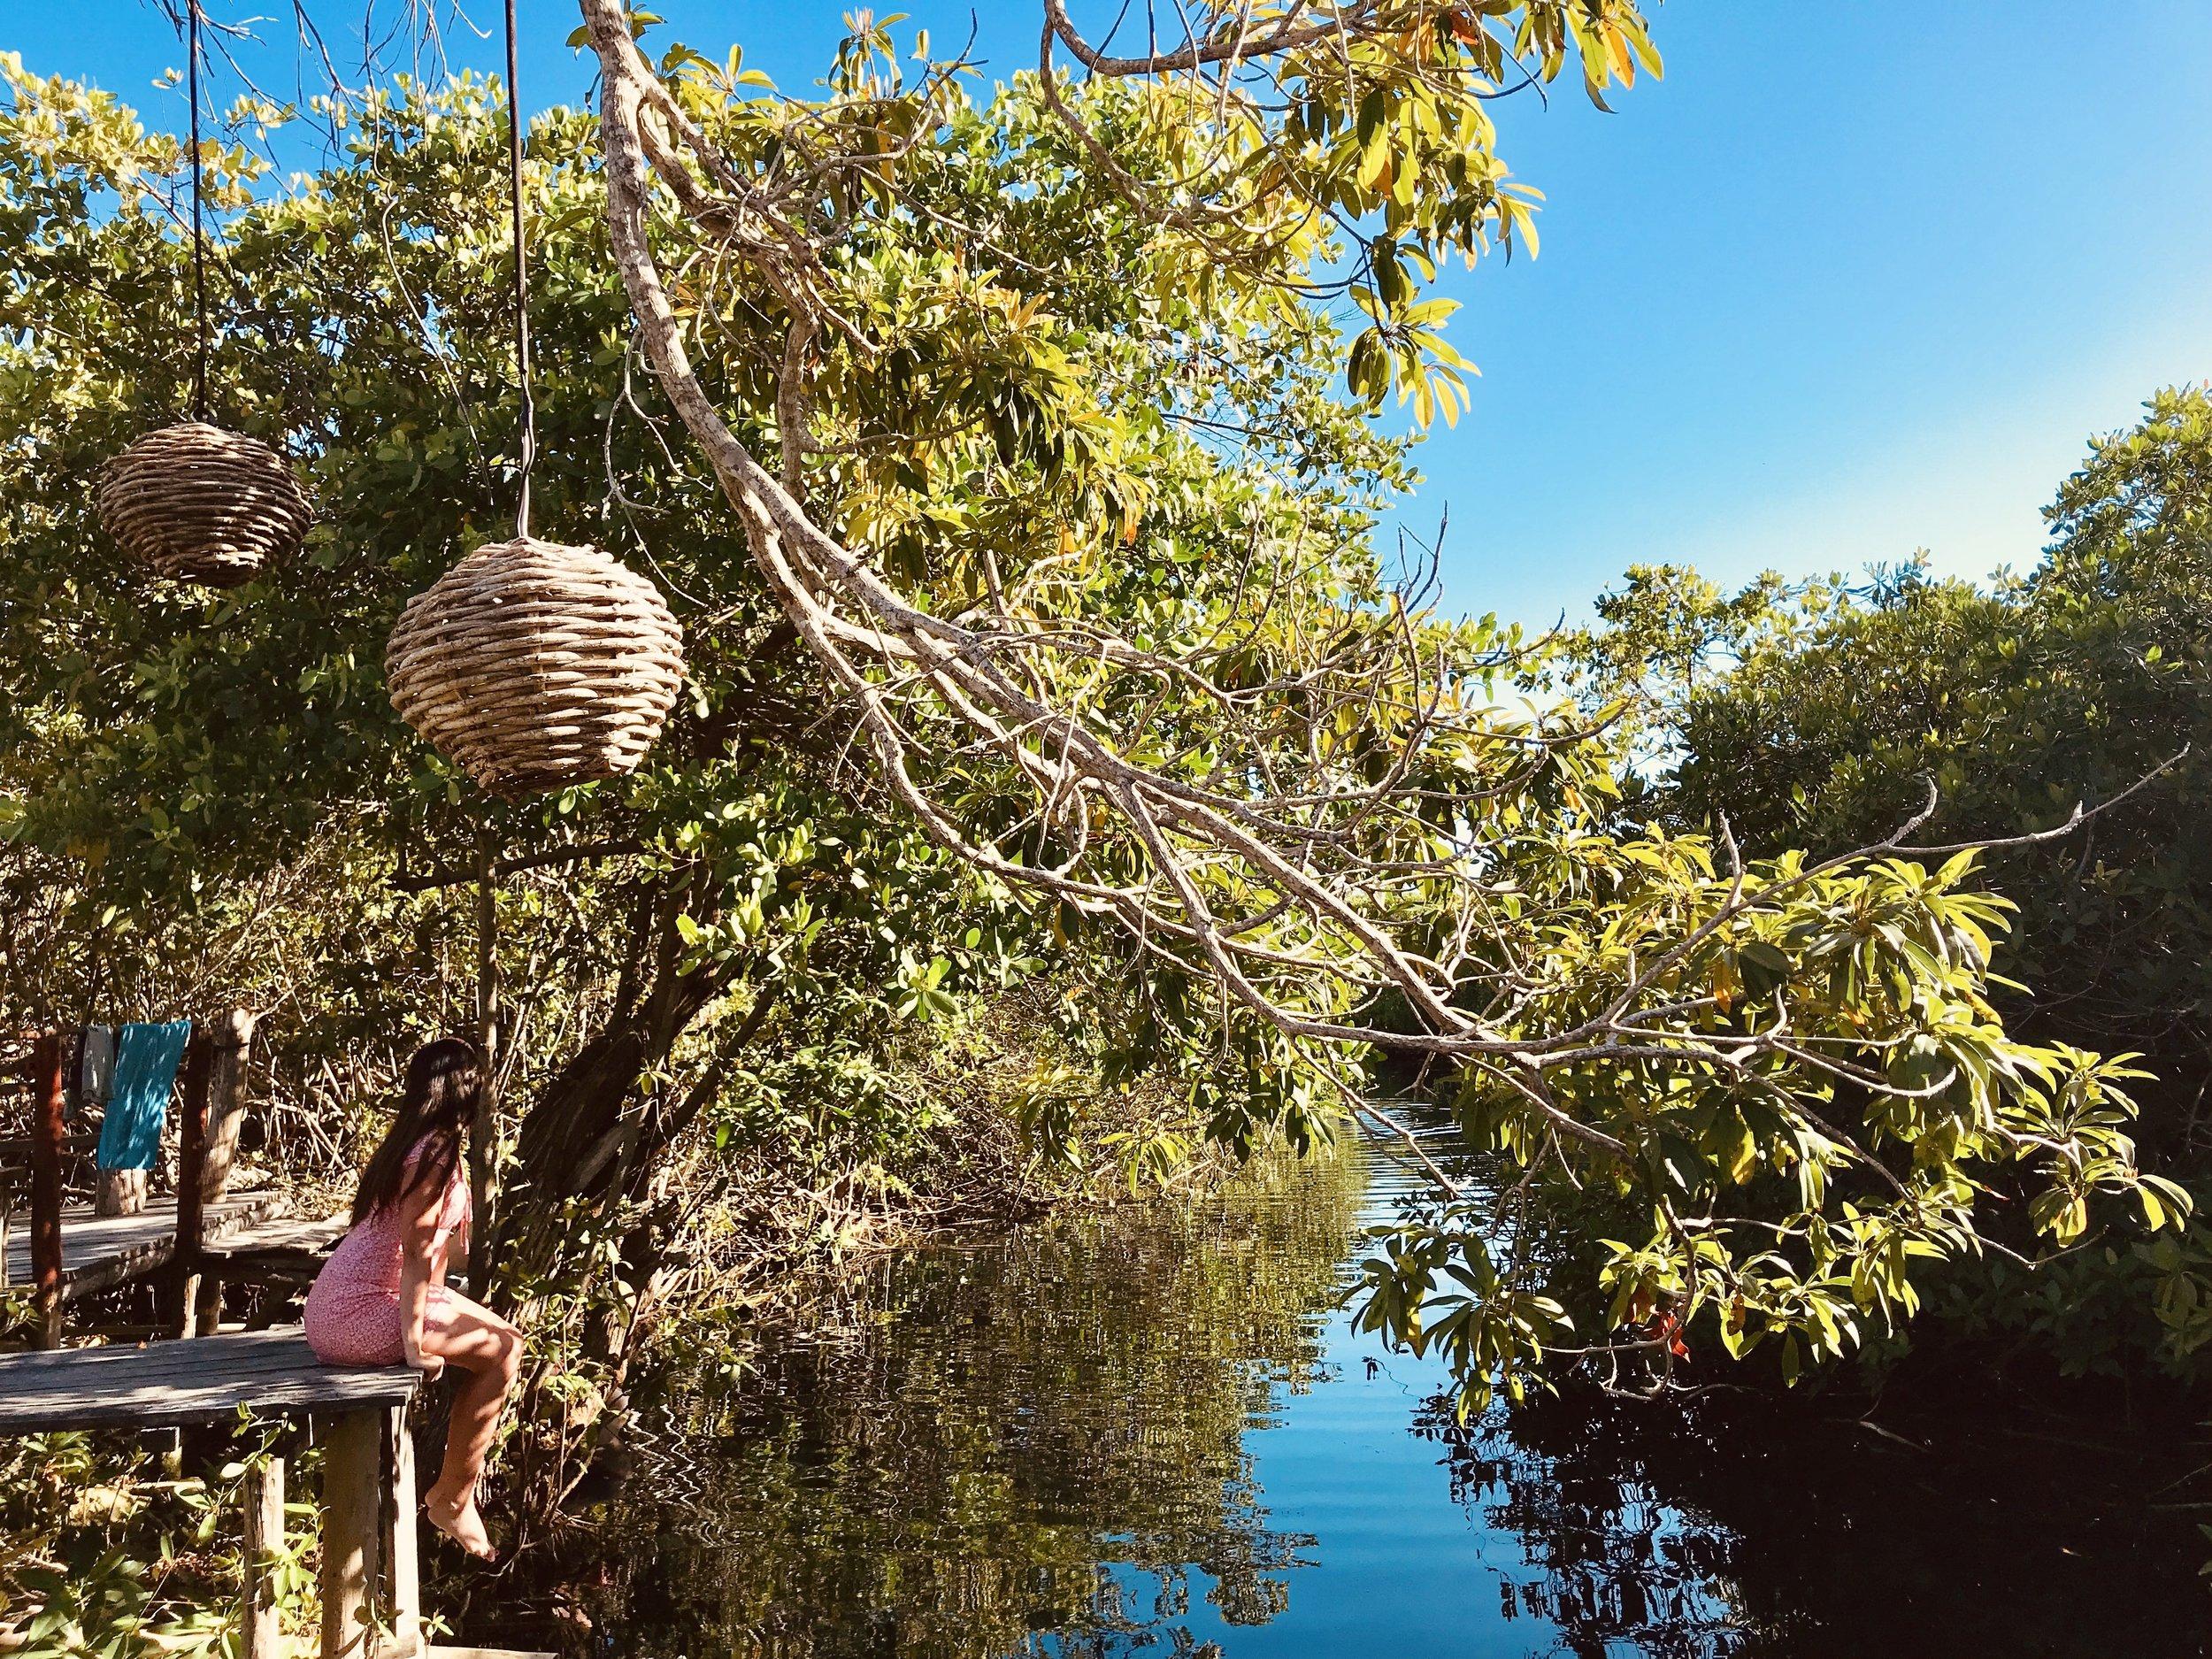 MangleX - Dormir entre manglares, hacer kayak en un inmenso cenote privado o caminar por las paradisiacas y kilométricas playas de Tulum…esas son solo algunas de las razones por las que pasar una noche en este lugar único.